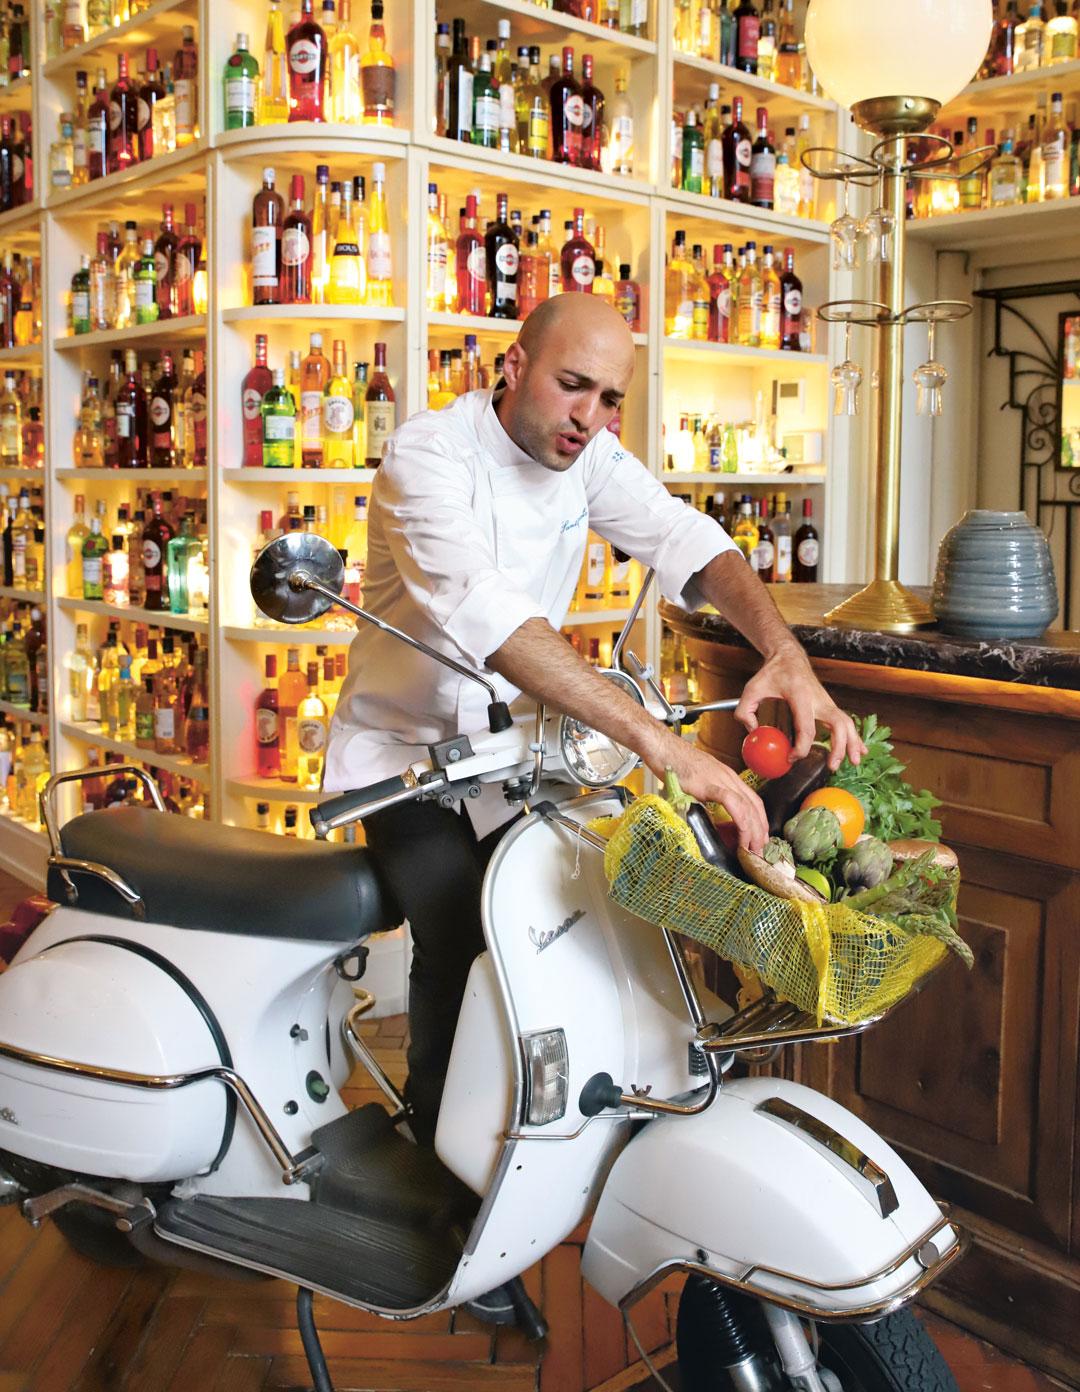 Chef Raffaele Santopaolo, from Big Mamma Cucina Popolare